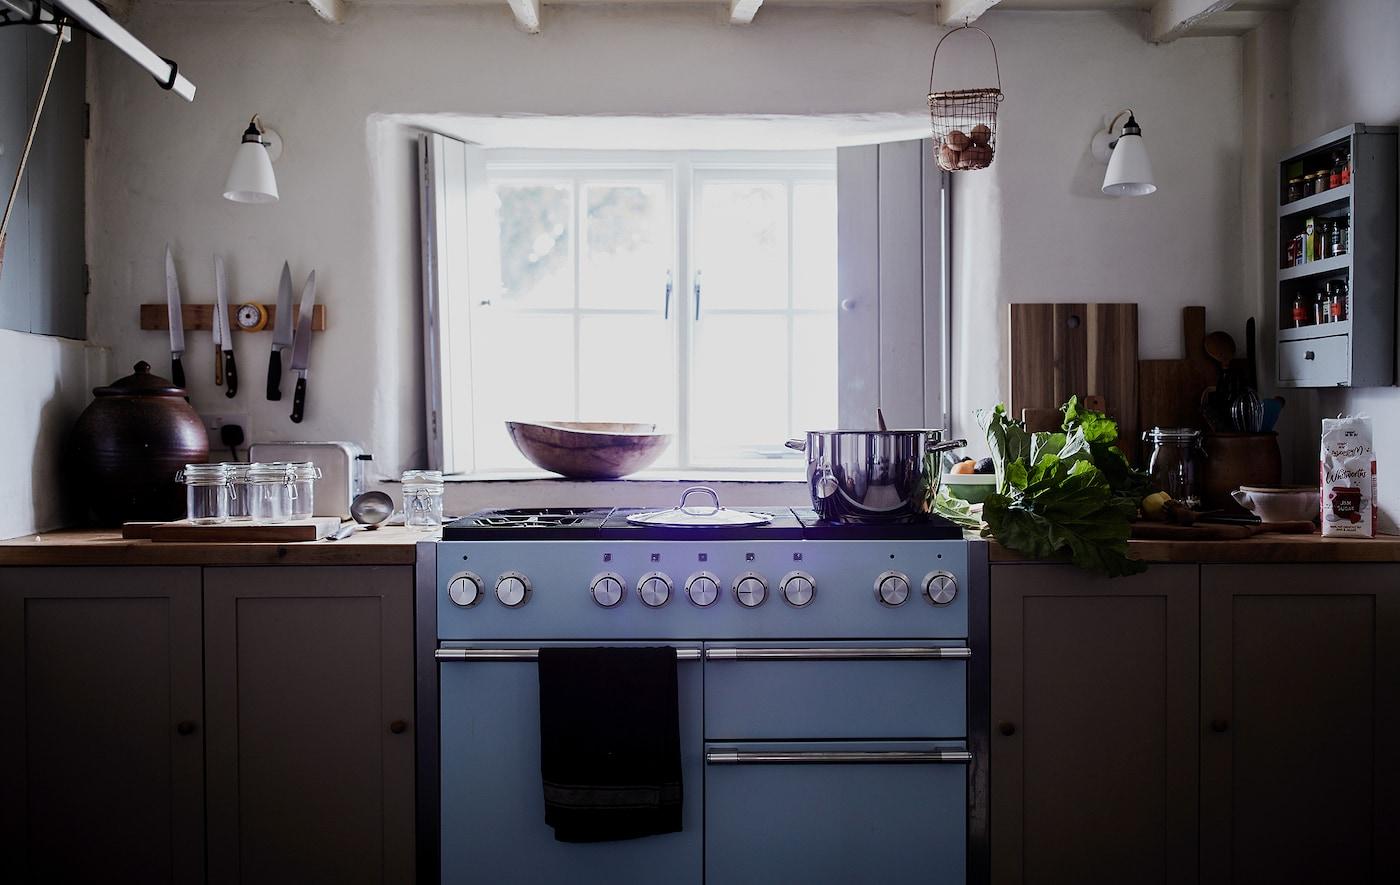 Rebeccas Küche im Landhausstil.